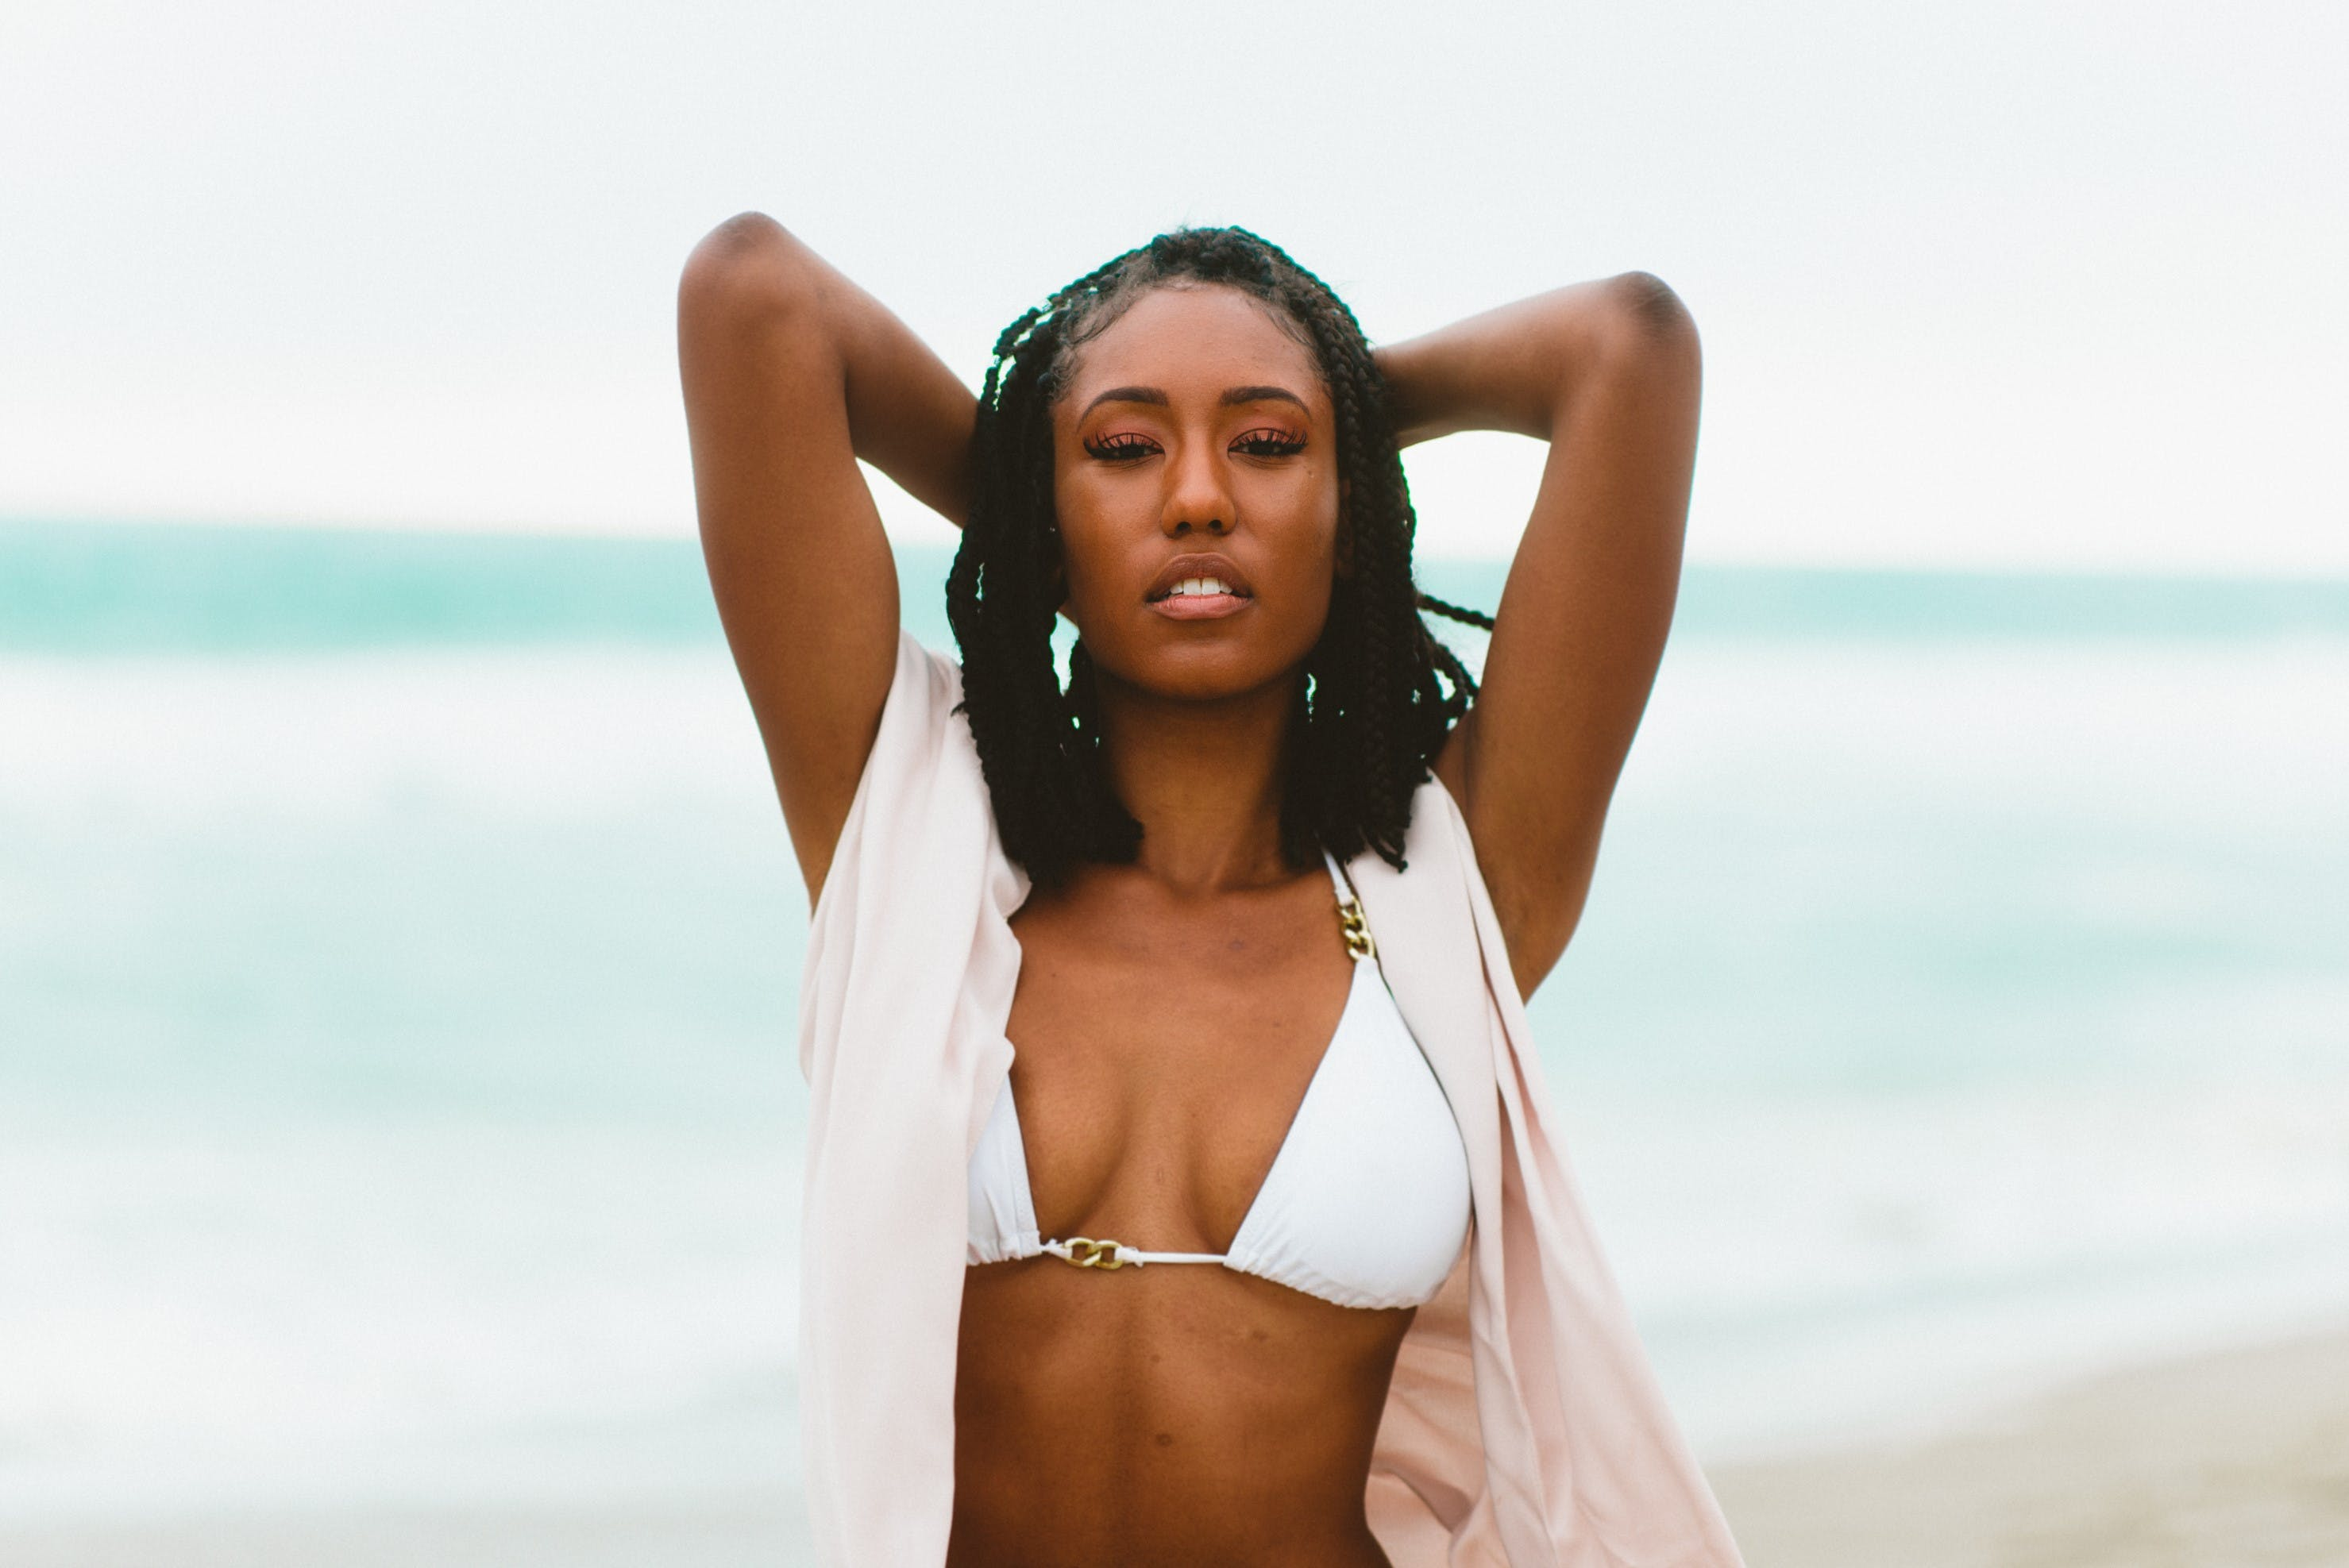 african american woman, beach, bikini